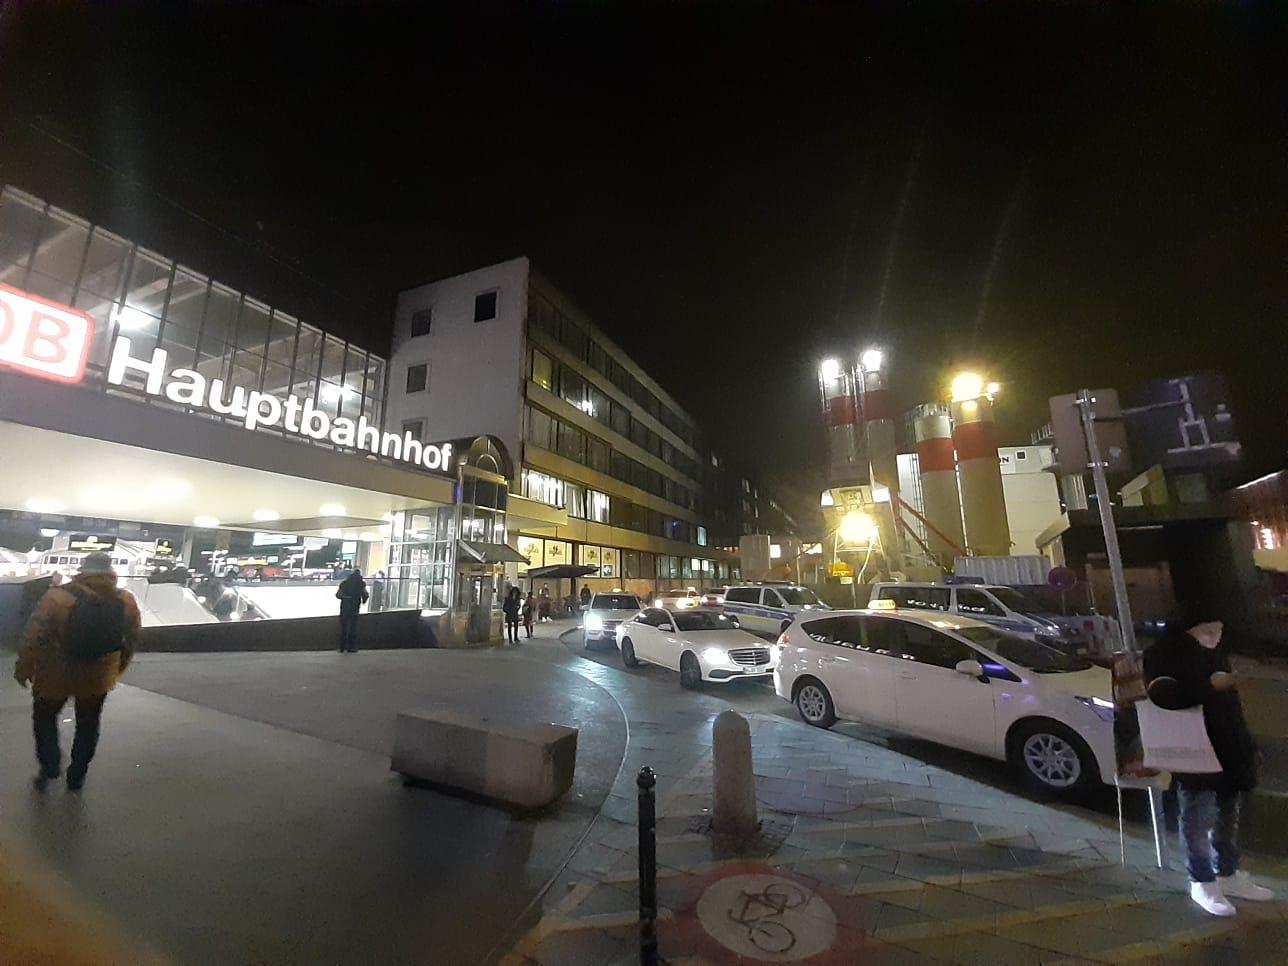 114_Nacht_Hauptbahnhof